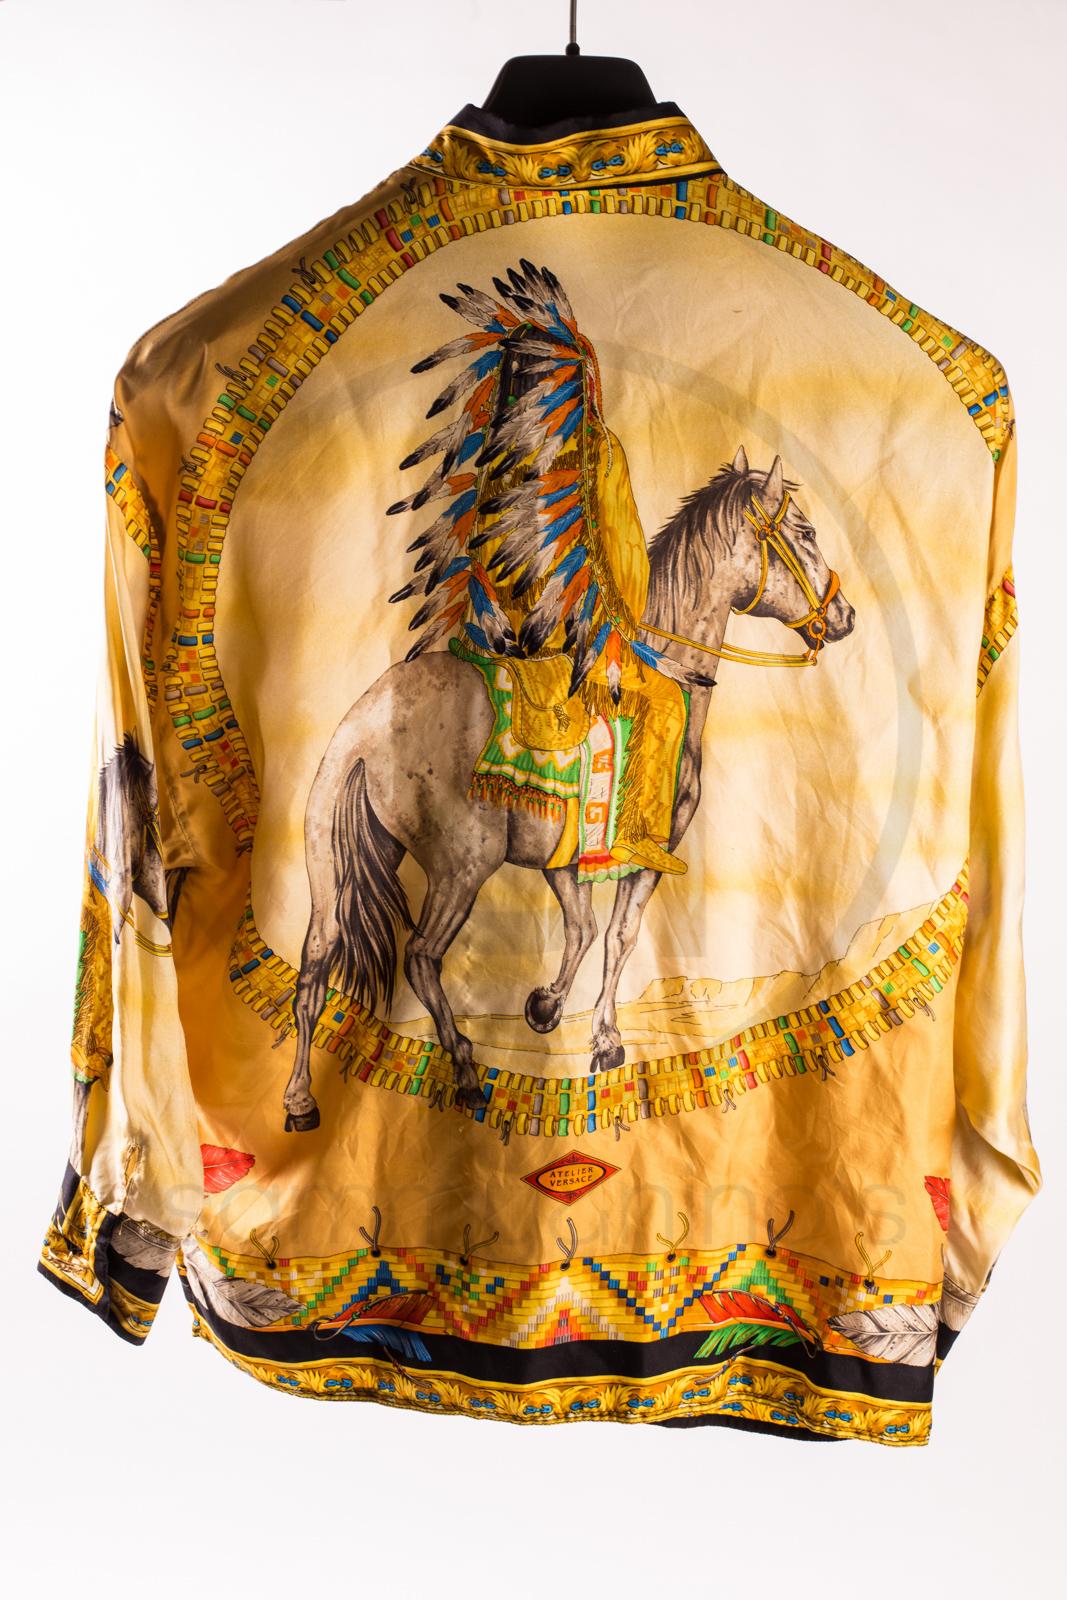 Gianni Versace Silk Shirt Indian Sammy Amp Nino S Store